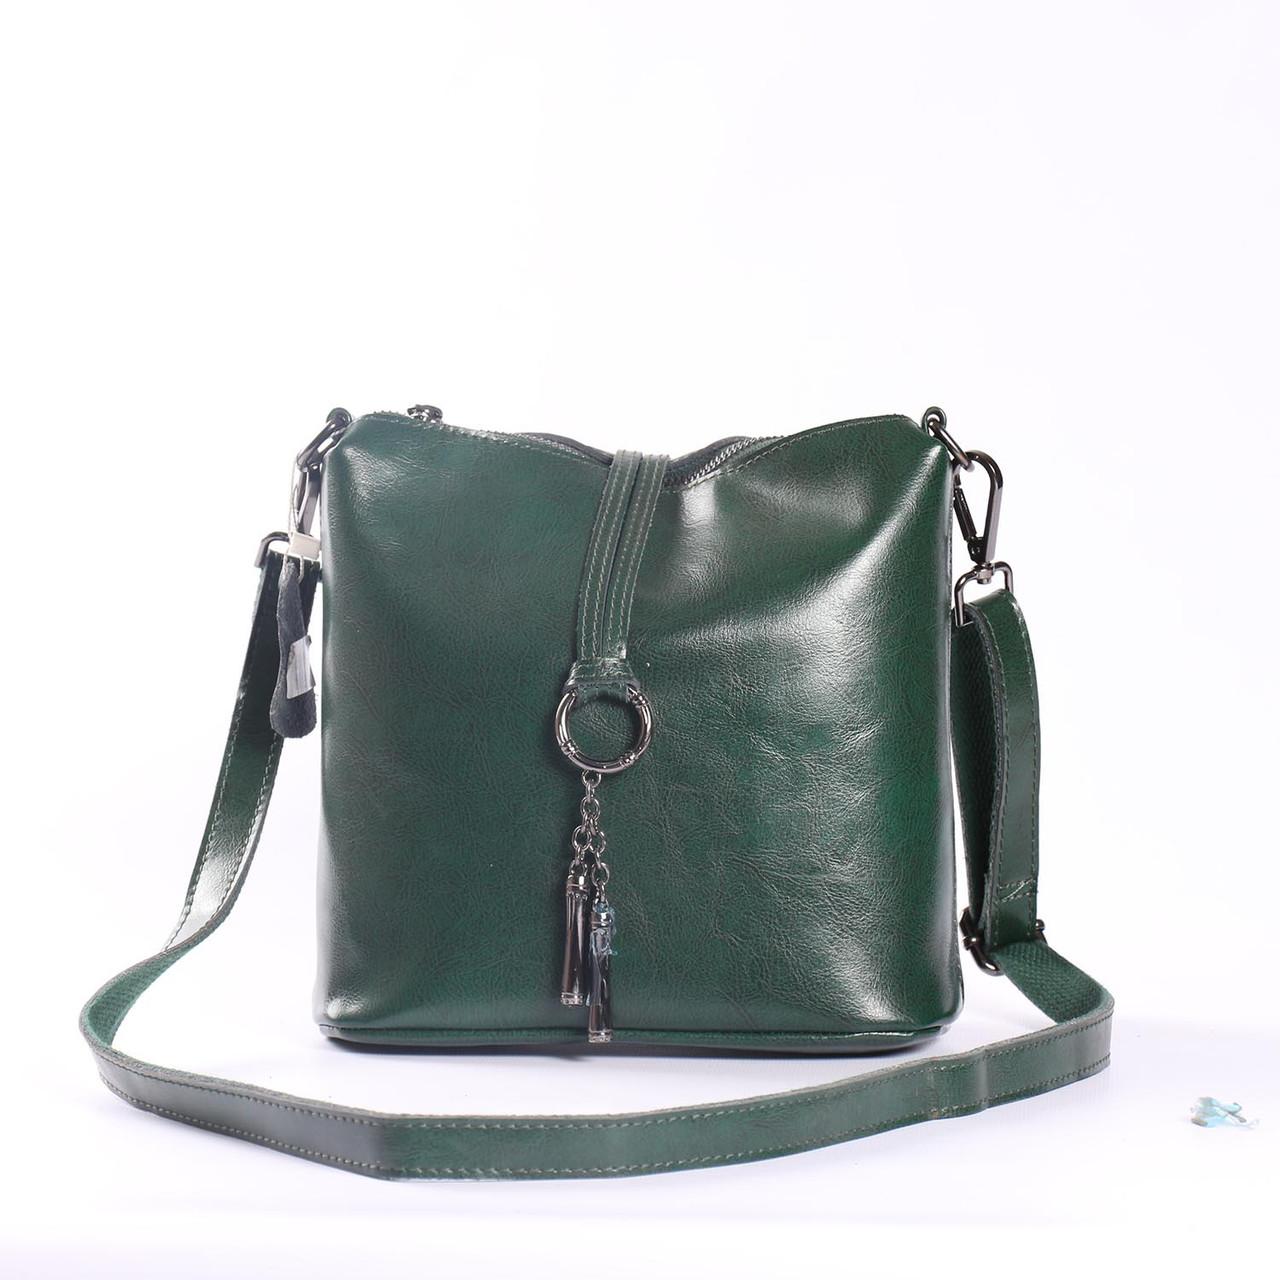 e5543c3ab6be Женская кожаная сумка зеленая